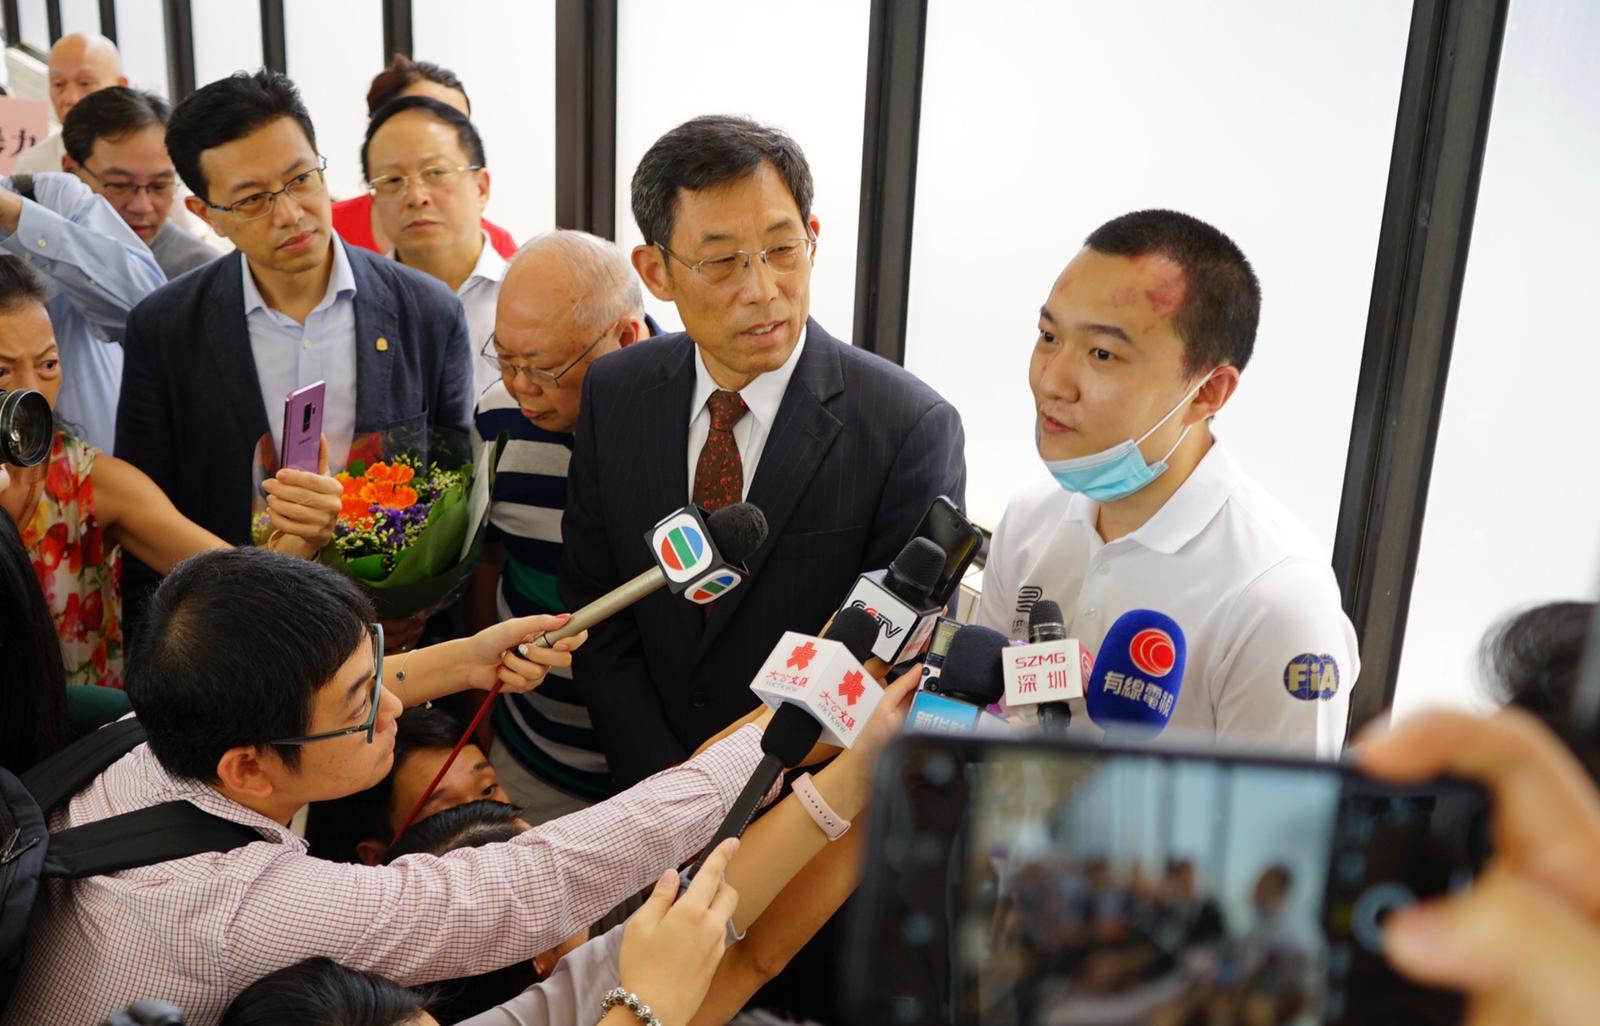 香港新聞工作者聯會主席姜在忠和港區全國人大代表吳秋北,到瑪嘉烈醫院慰問付國豪。新聞聯王鑌攝。